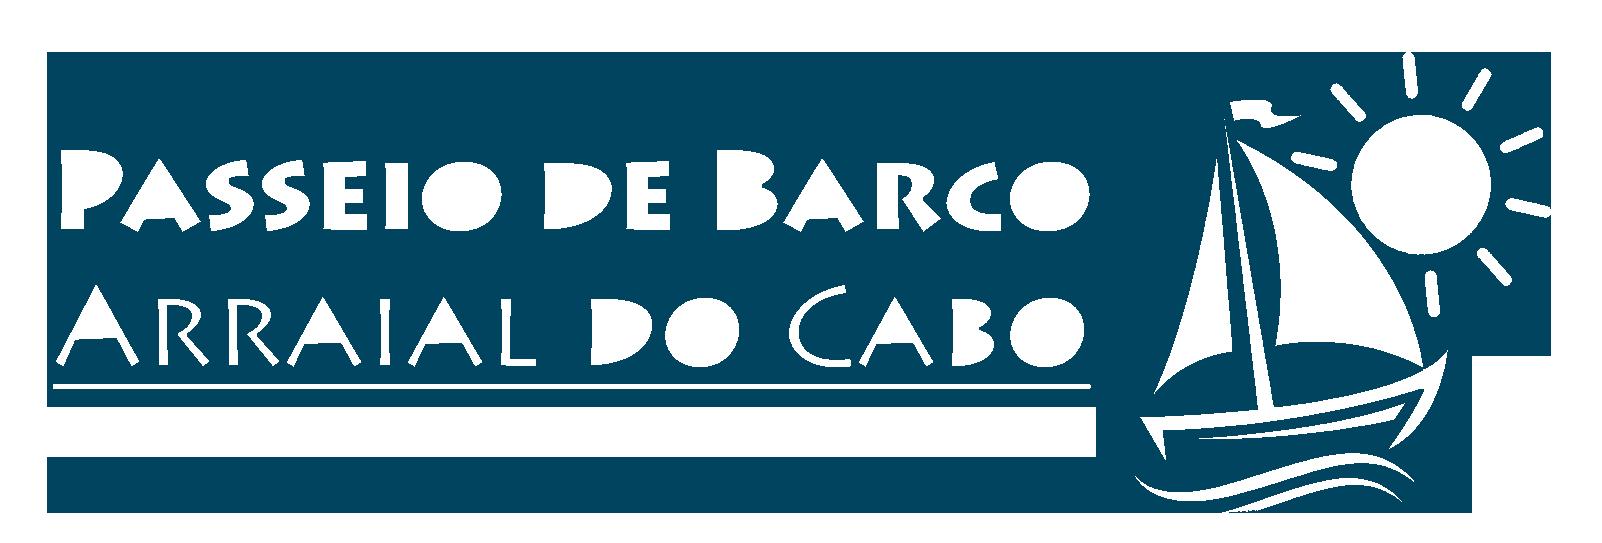 Passeio de Barco Arraial do Cabo Logo